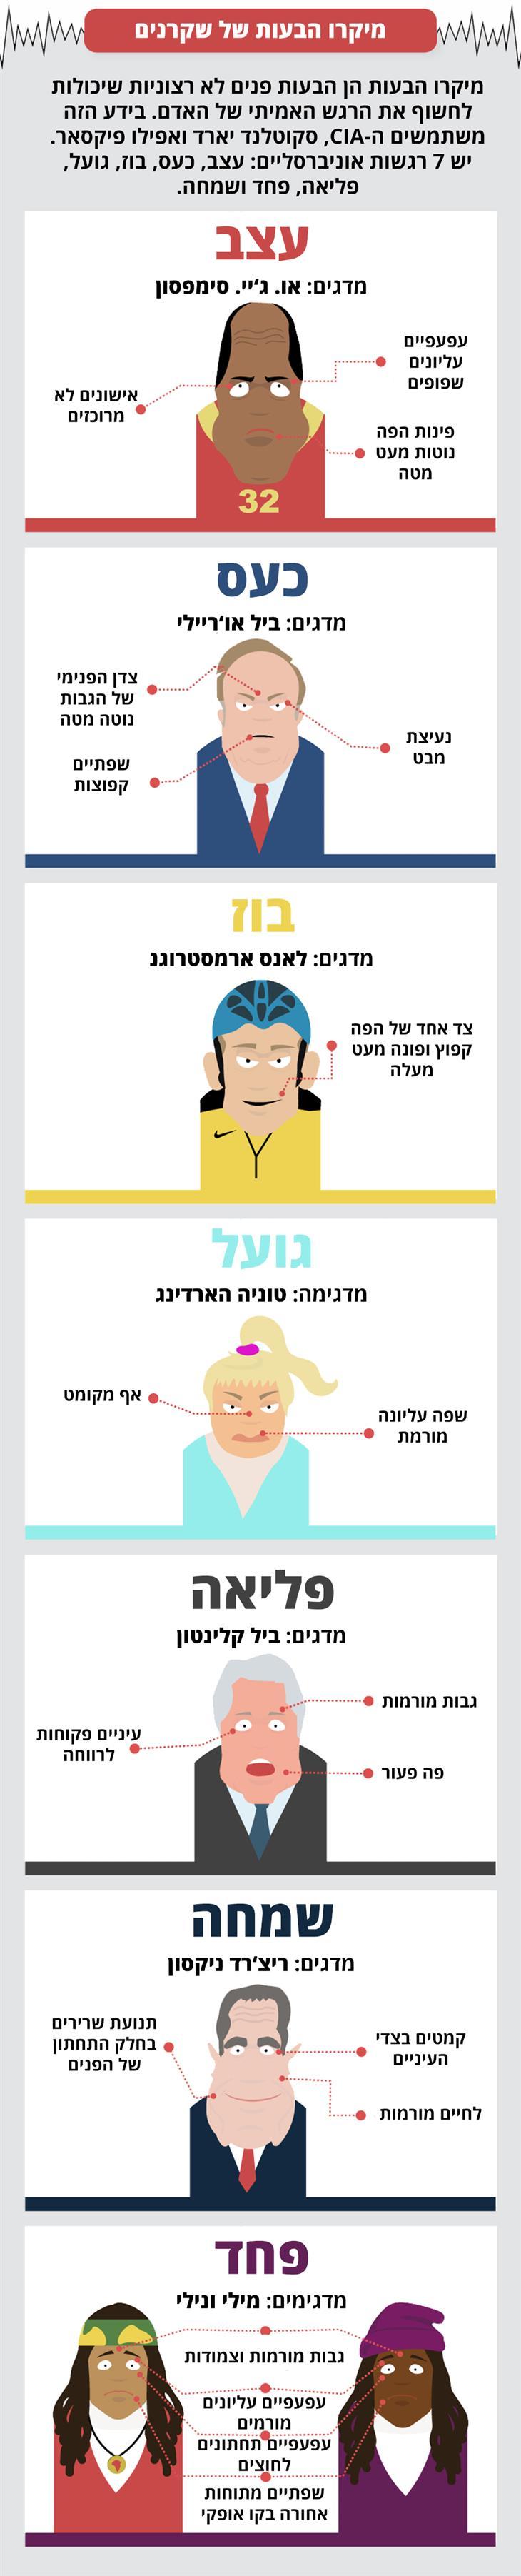 איך לזהות שקרנים